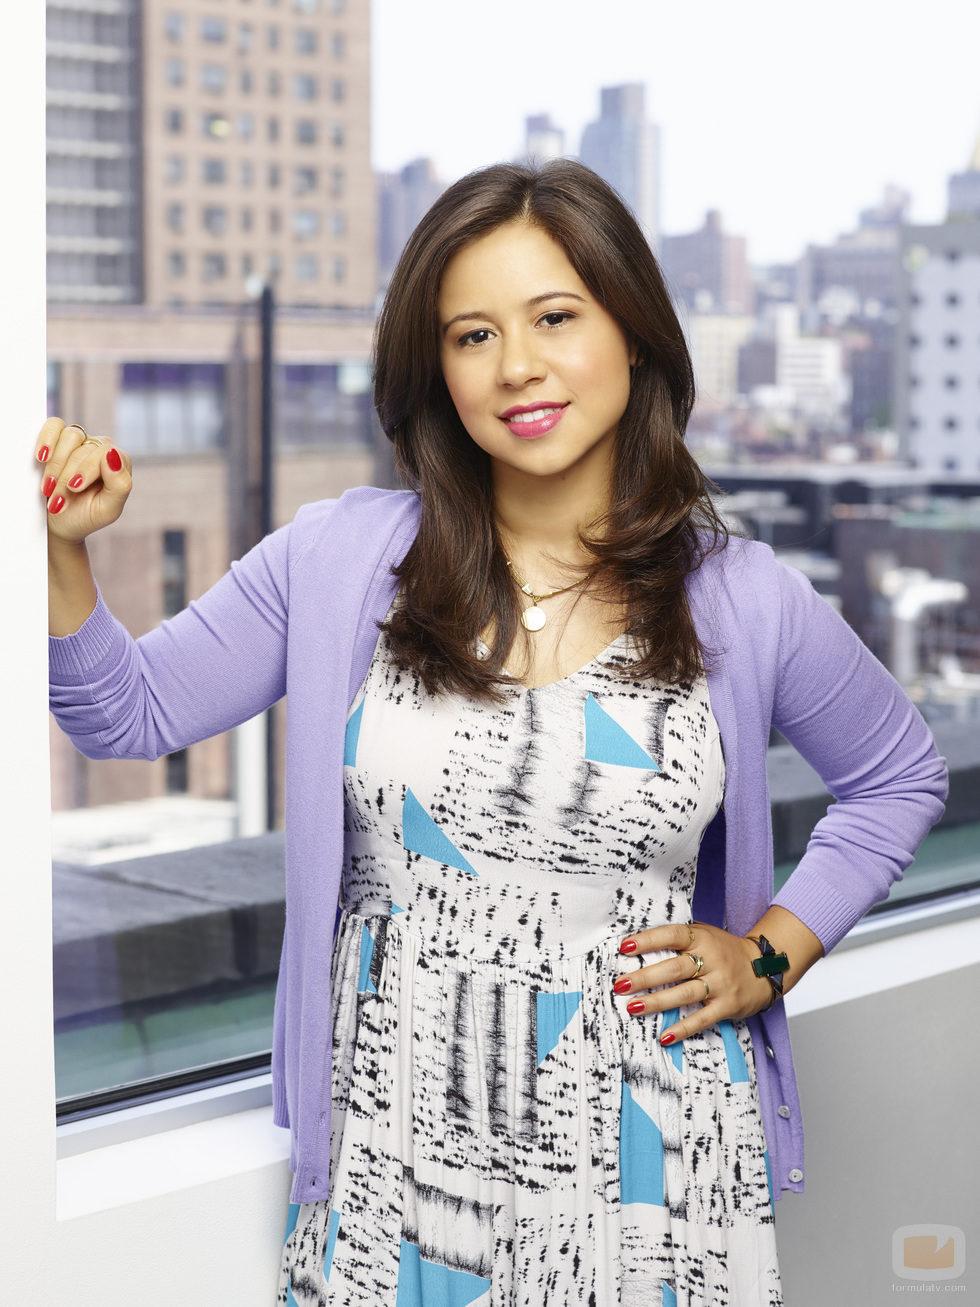 Chloe Wepper es Chloe en 'Manhattan Love Story'